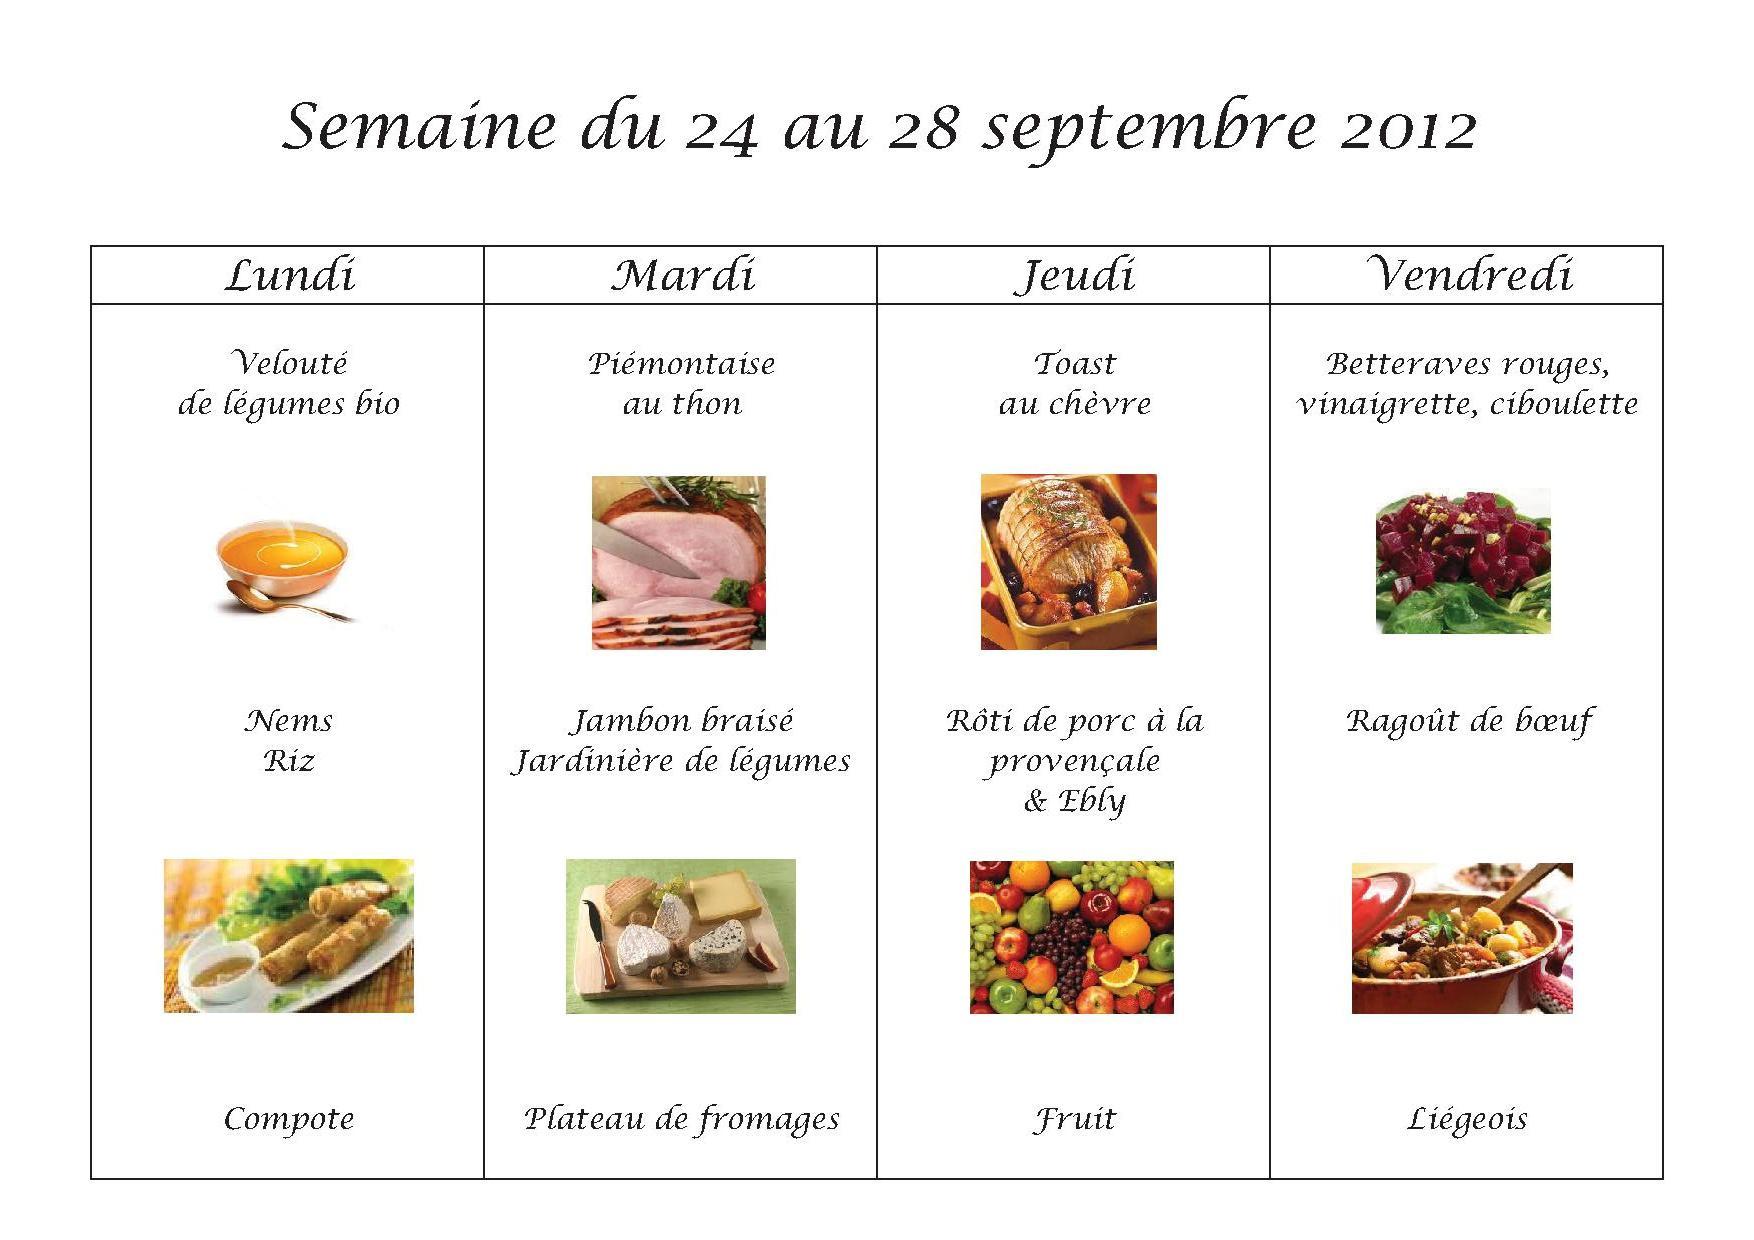 Menus du 24 au 28 septembre 2012